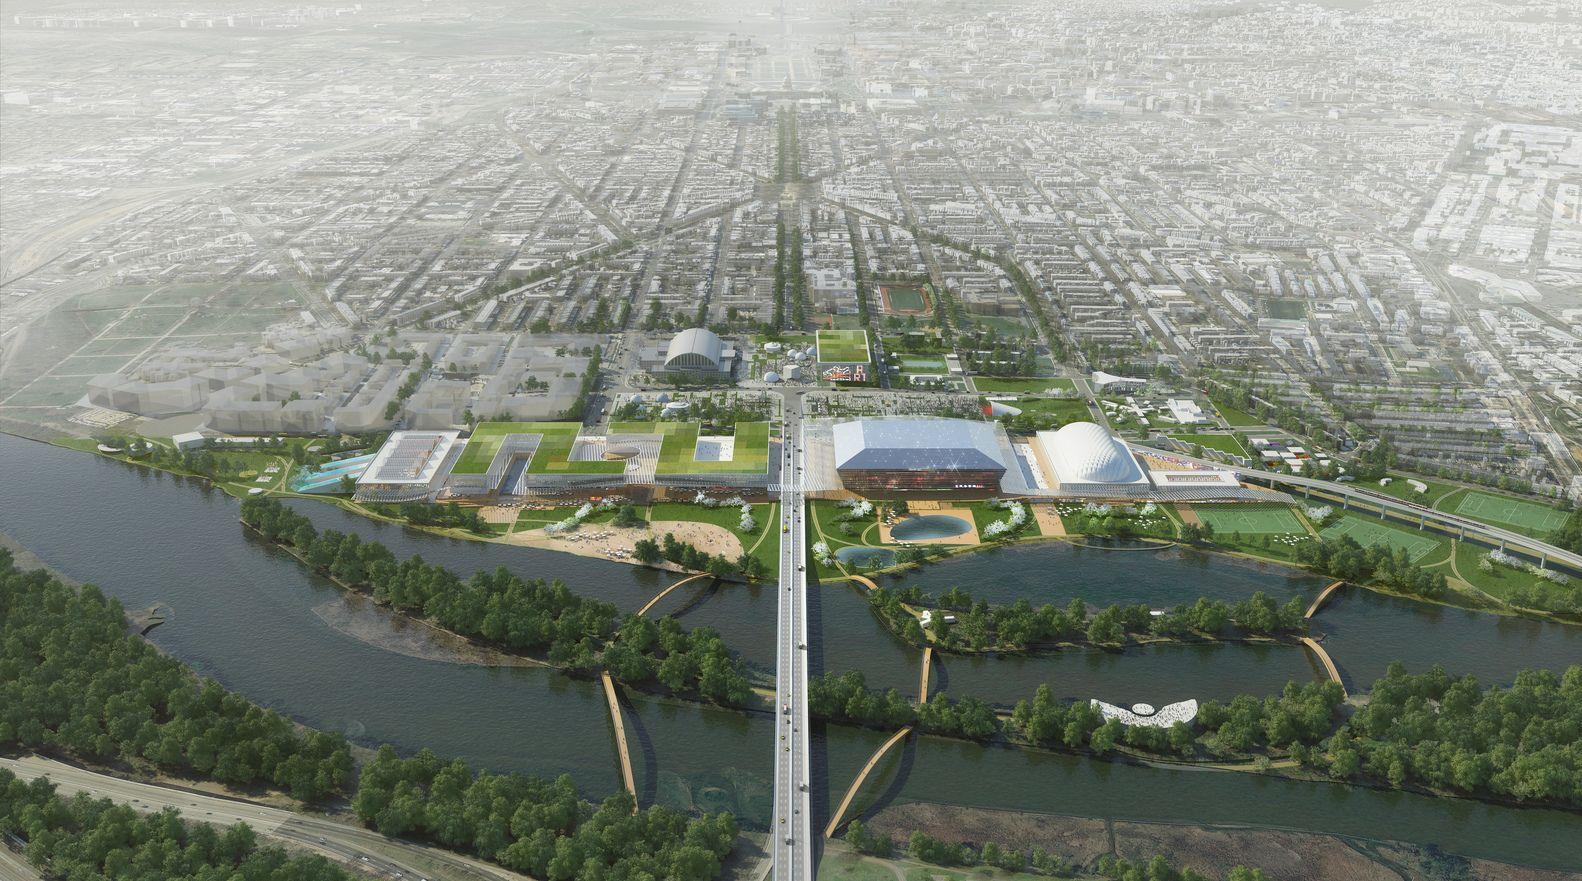 Galería de OMA revela dos planes de remodelación del Estadio RFK en Washington DC - 2